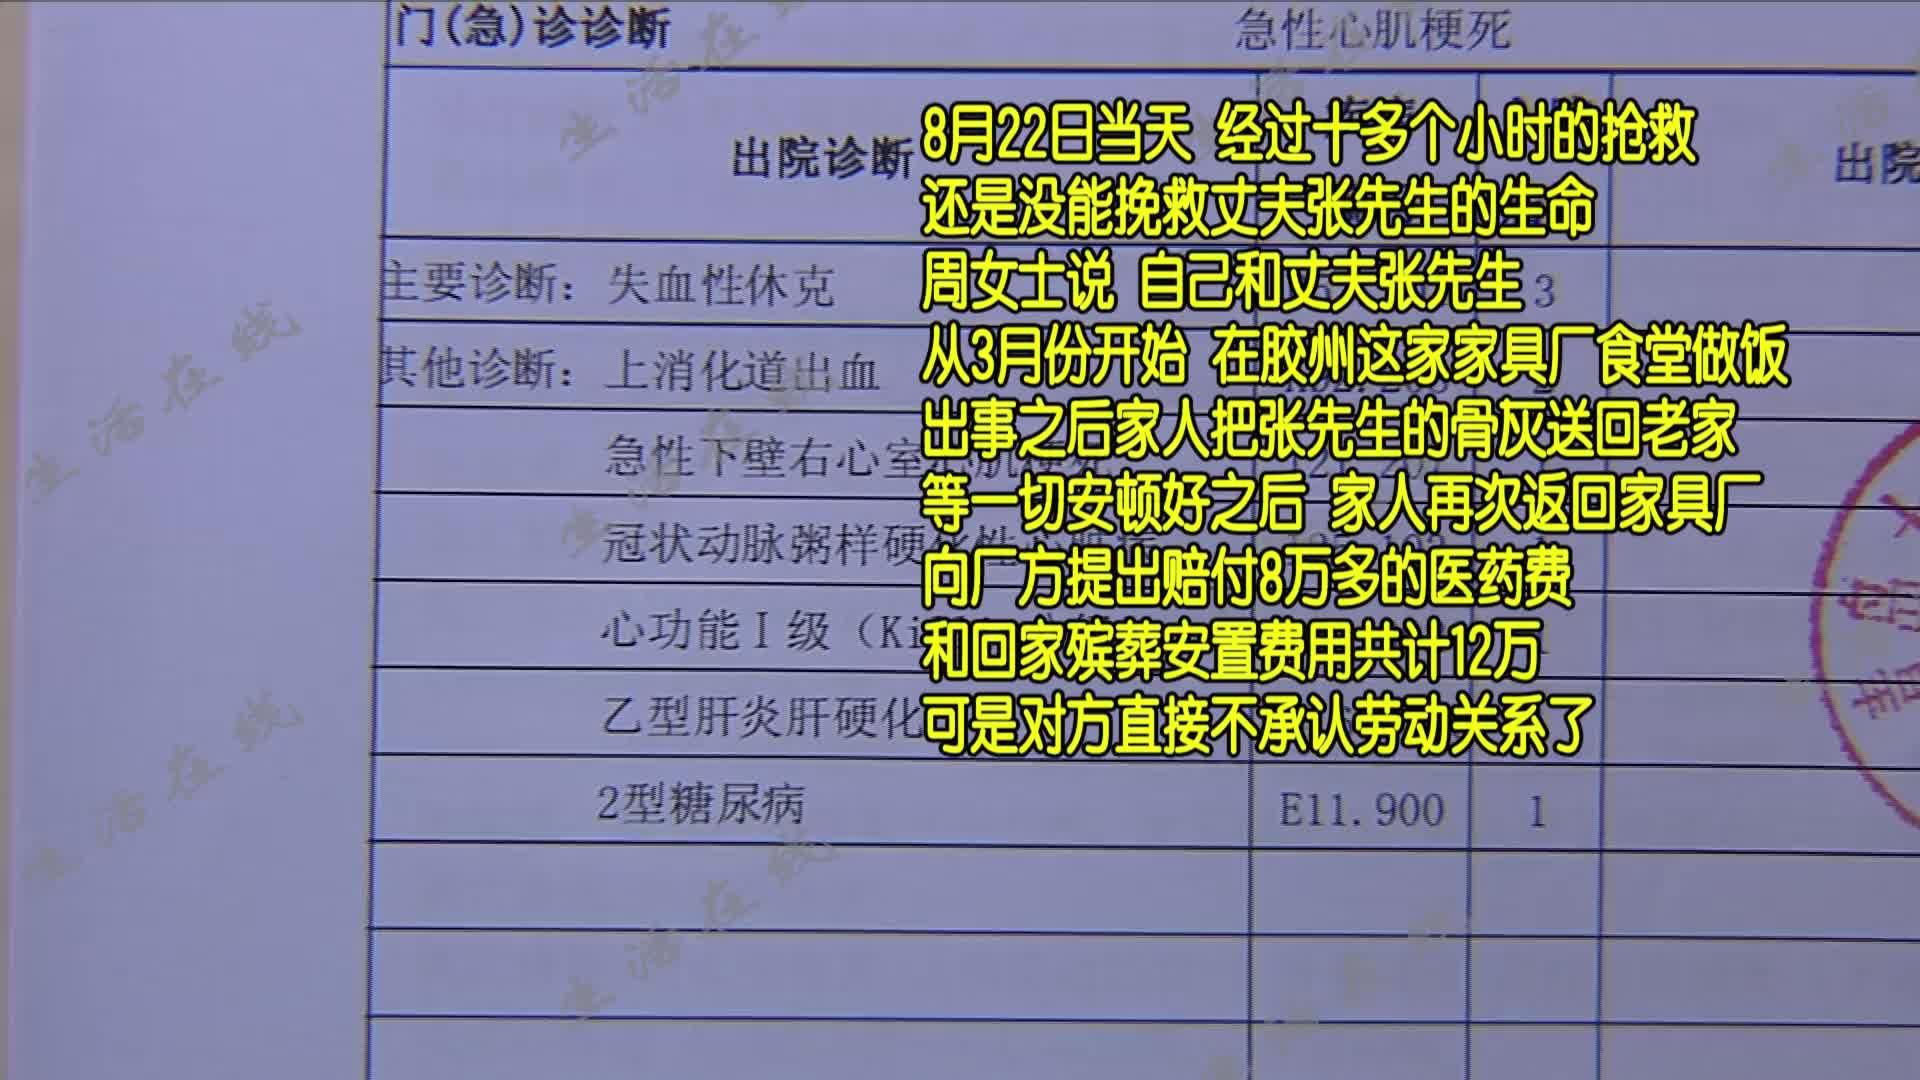 胶州吉弗莱斯家具:食堂做饭间突发心梗 家具厂拒绝承认劳动关系